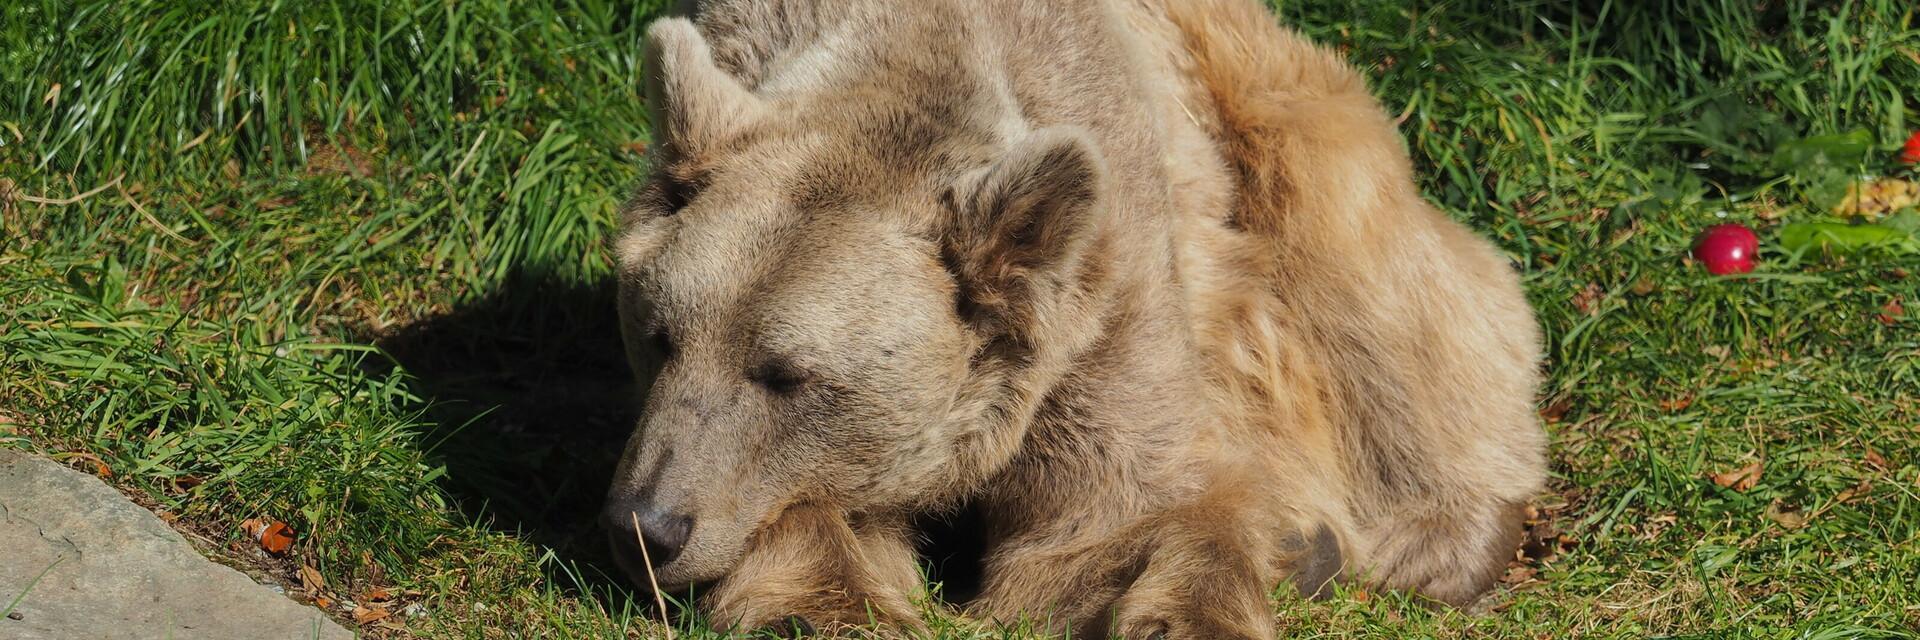 Die Bären machen sich bereit für die Winterruhe im BÄRENWALD Arbesbach